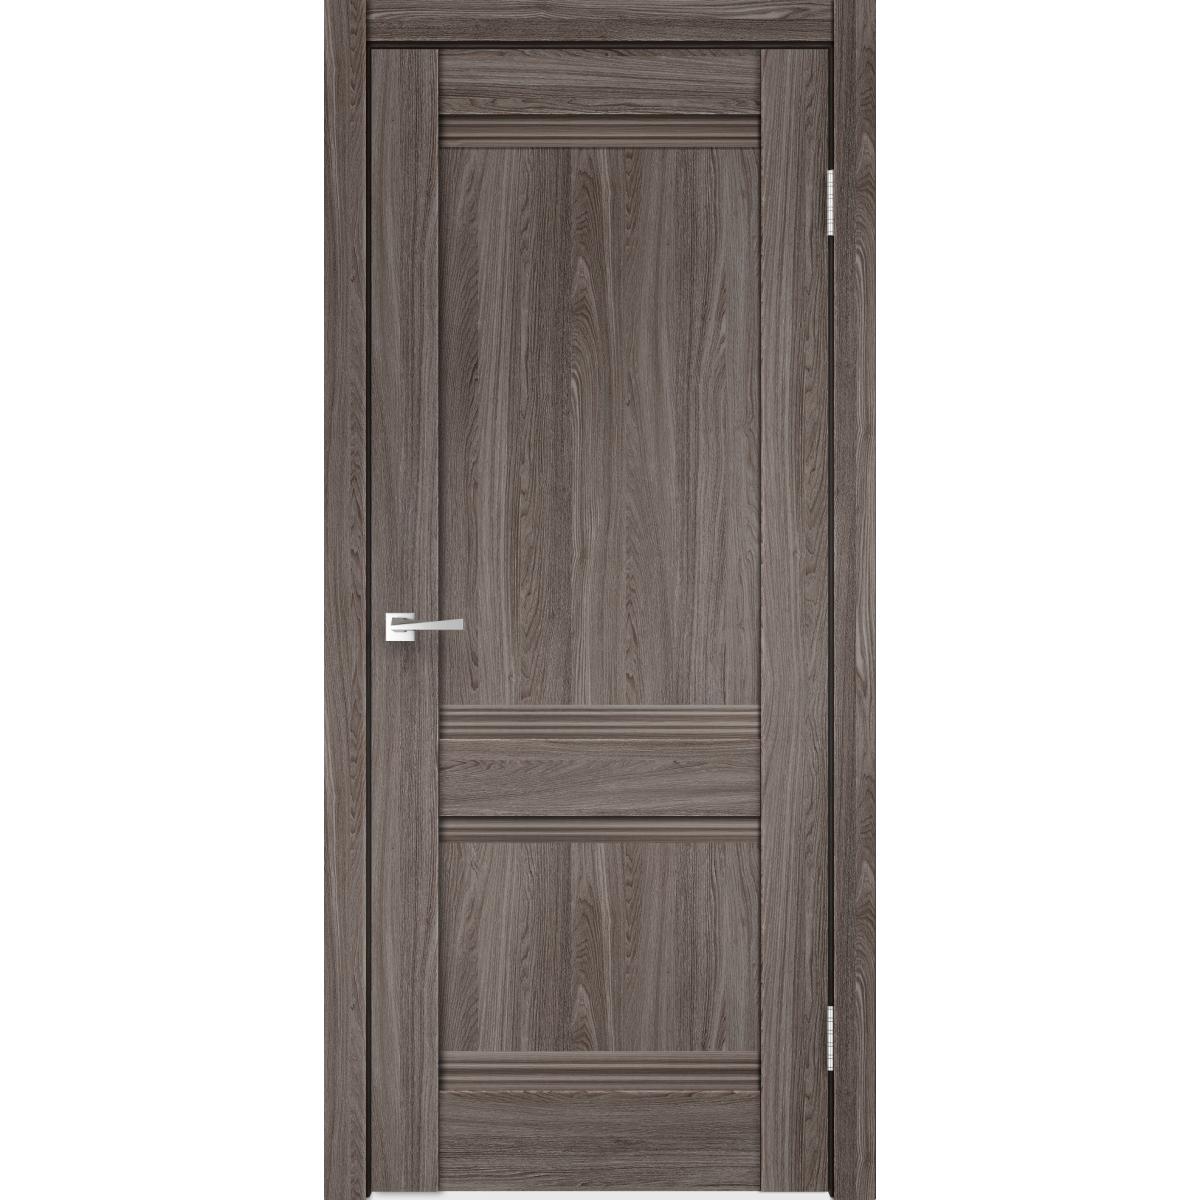 Дверь Межкомнатная Глухая С Замком И Петлями В Комплекте «Тоскана» 80x200 Цвет Ясень Анкор